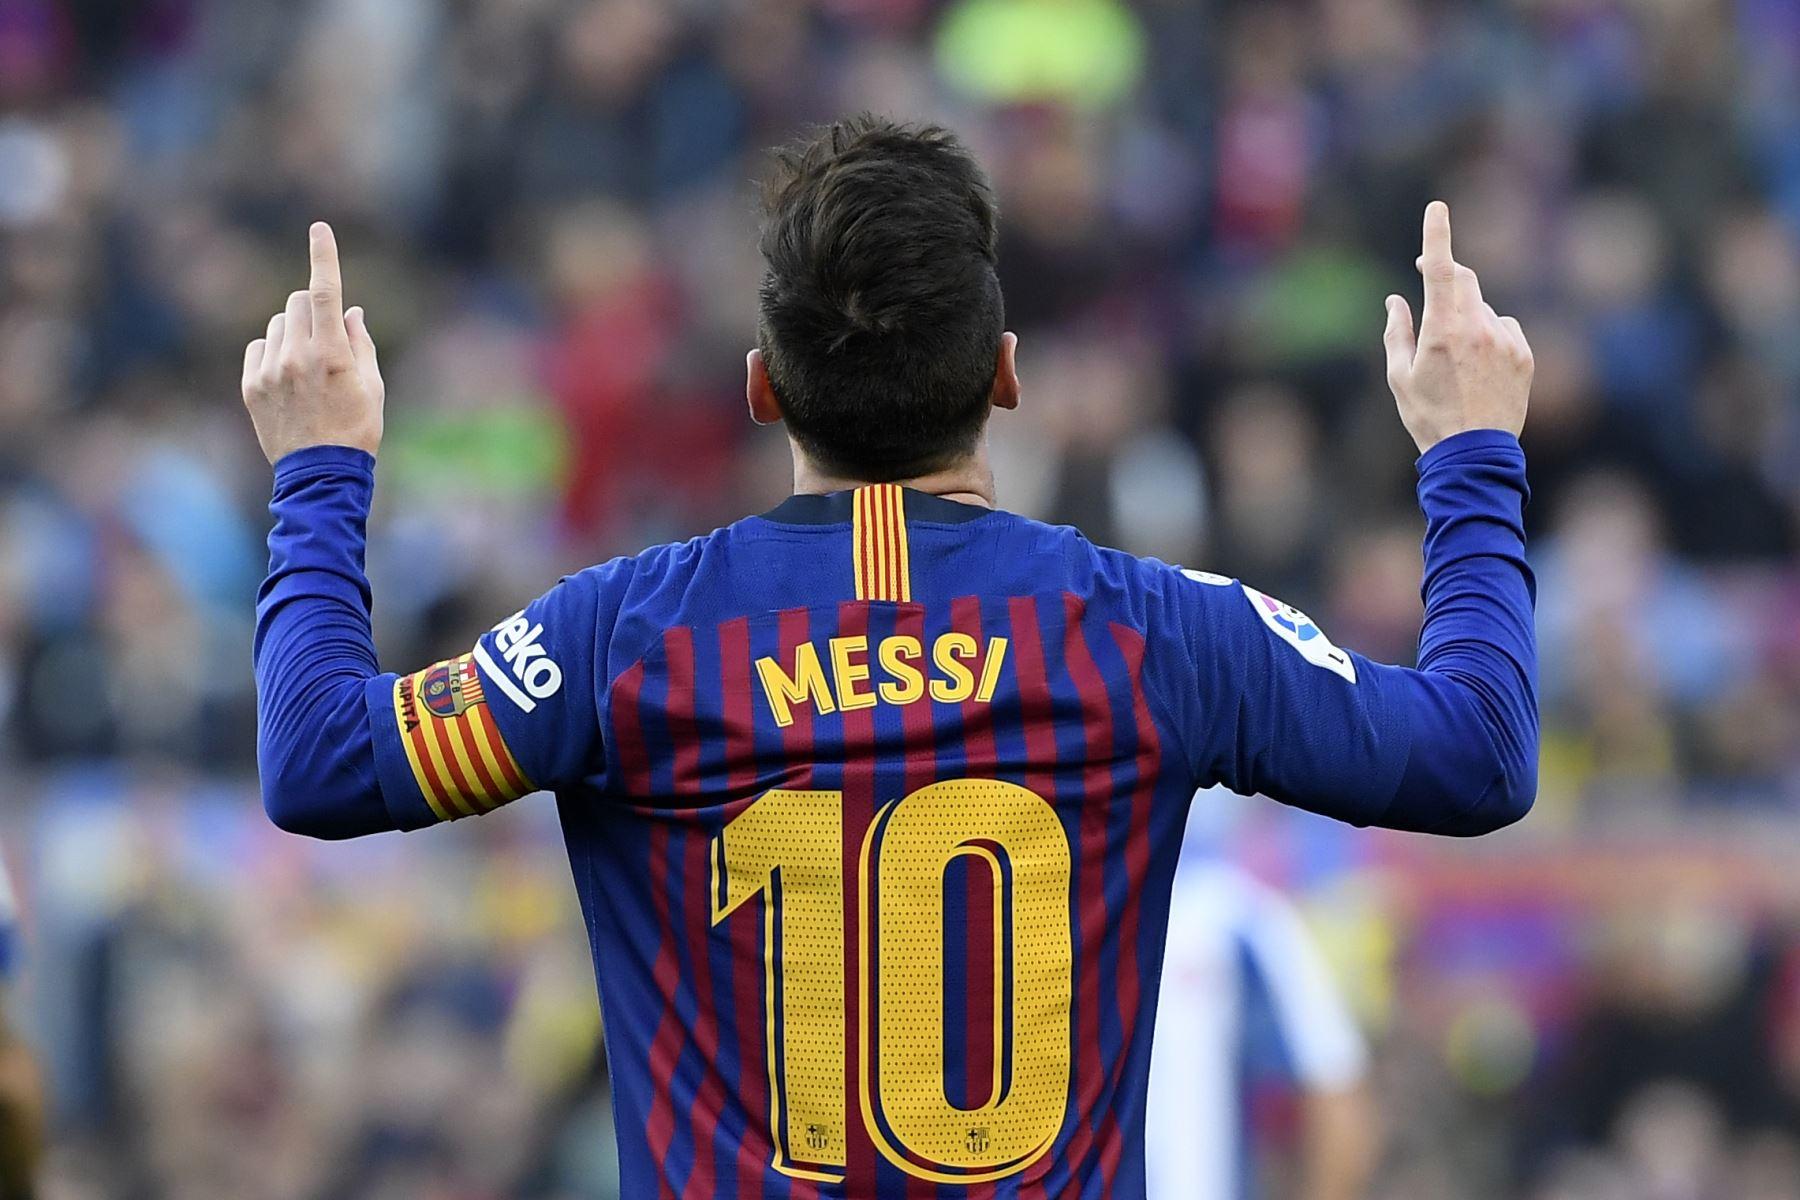 El delantero argentino de Barcelona, Lionel Messi, celebra su segundo gol durante el partido de fútbol de la liga española entre el FC Barcelona y el RCD Espanyol.Foto: AFP